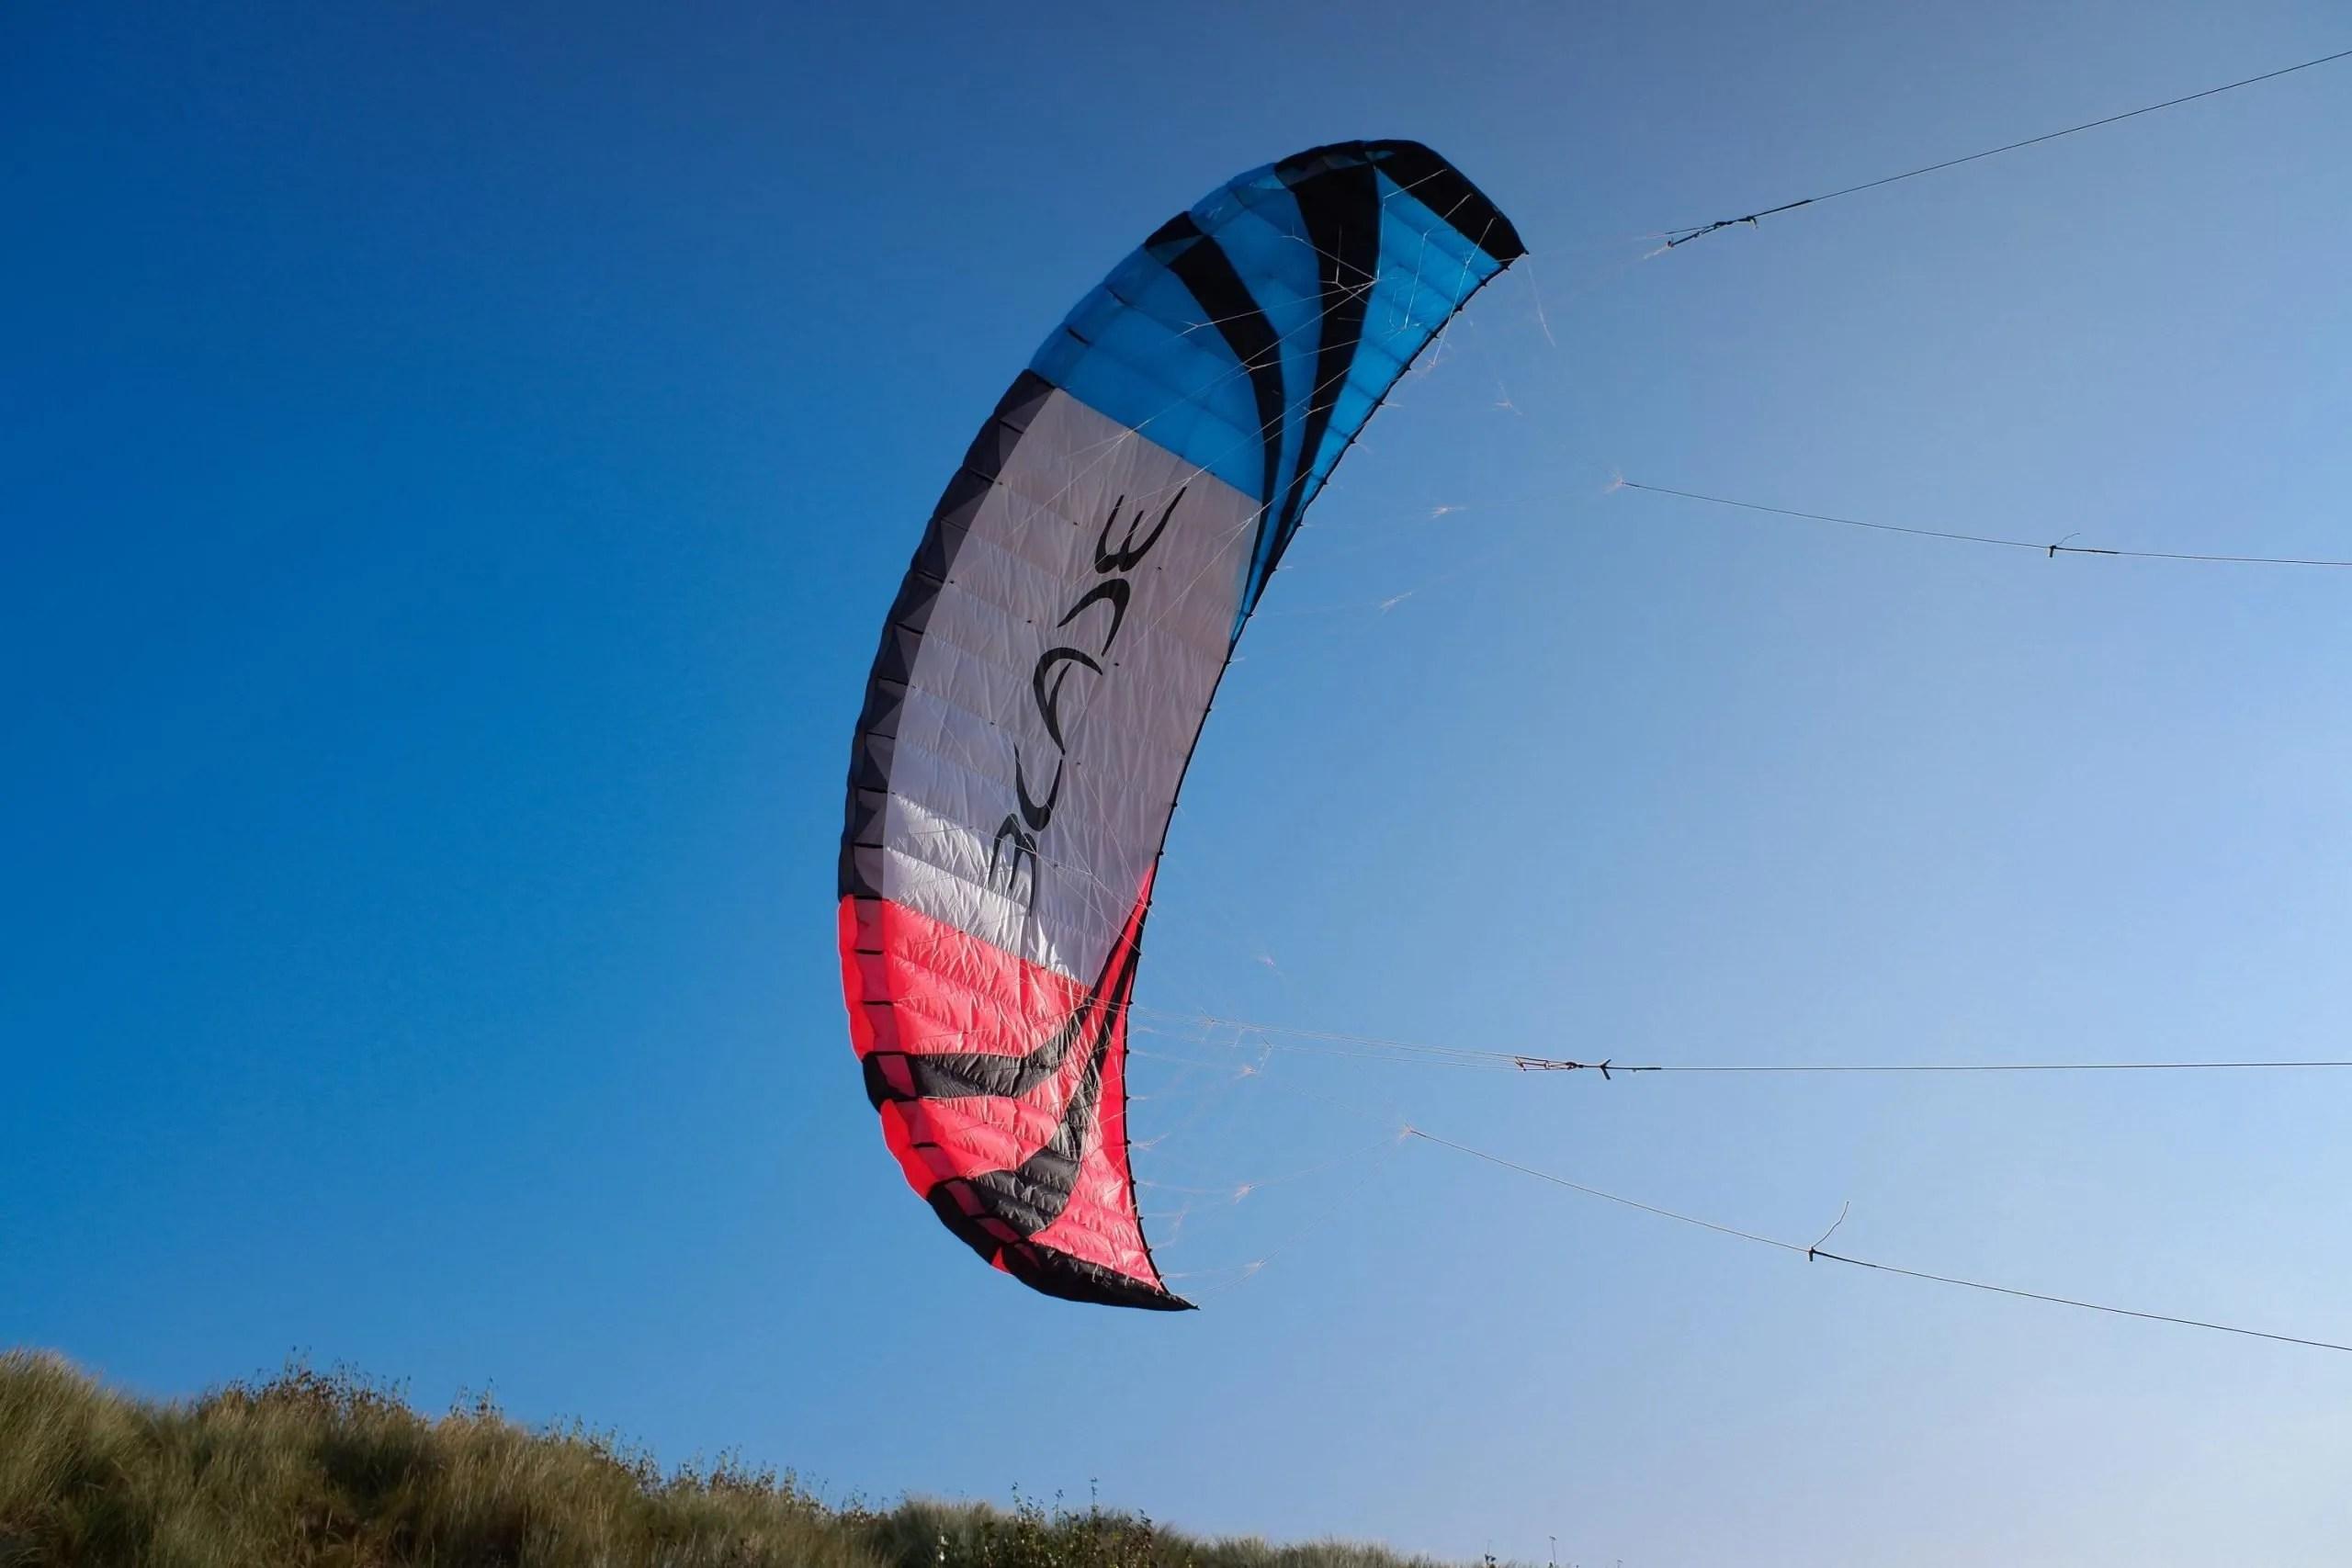 blade kite buggy